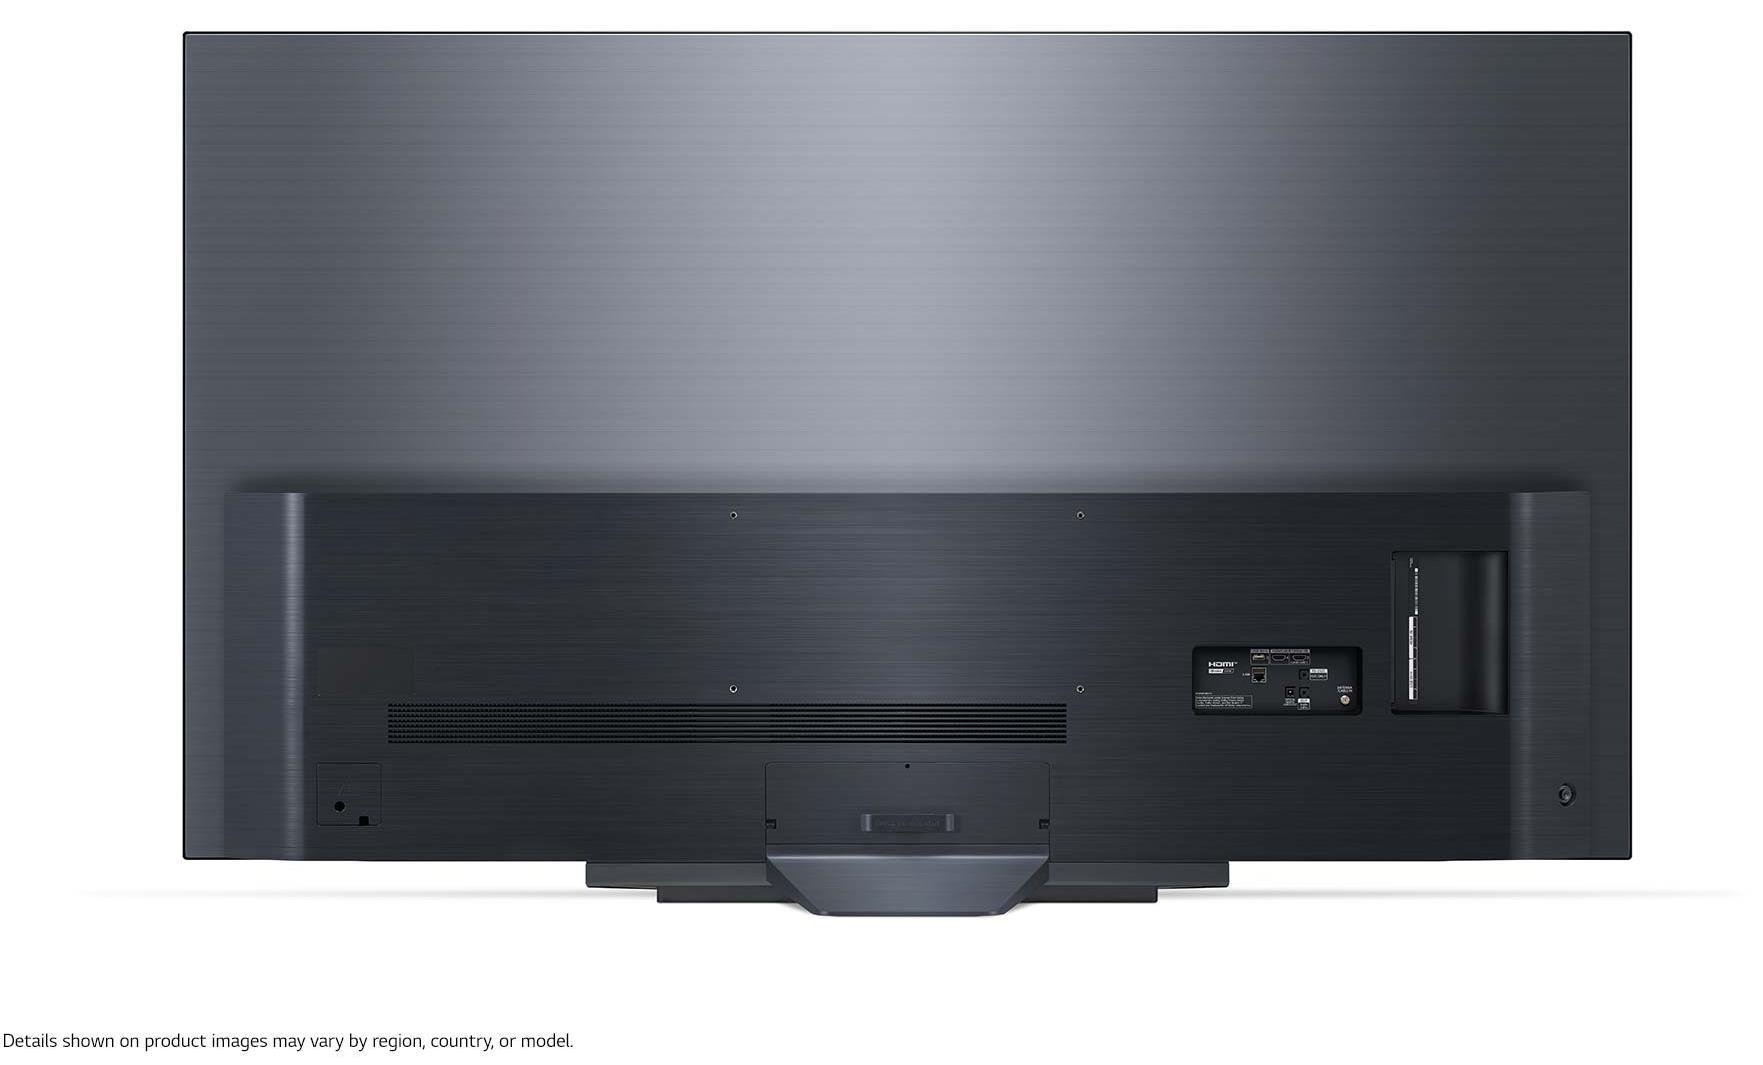 טלוויזיה 77 אינץ' דגם OLED 77B16LA/PVA  בטכנולוגיית LG OLED 4K Ultra HD אל ג'י - תמונה 7